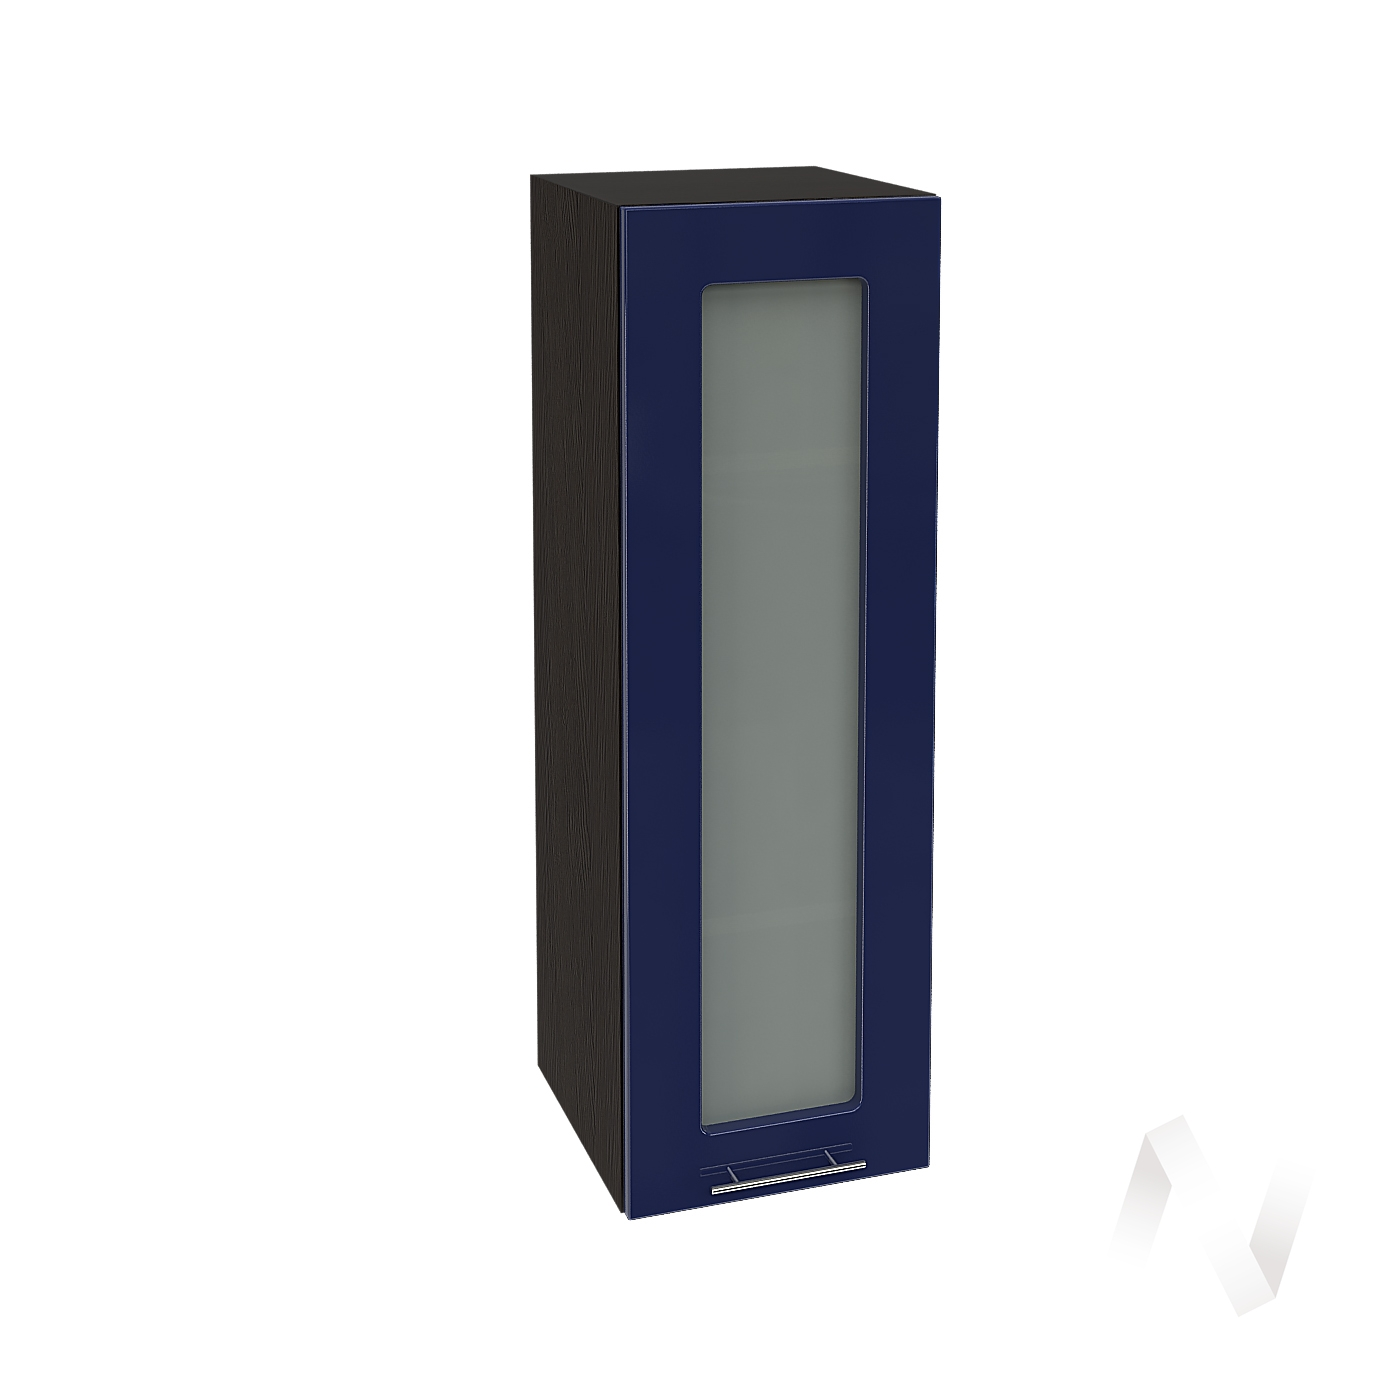 """Кухня """"Валерия-М"""": Шкаф верхний со стеклом 309, ШВС 309 (Синий глянец/корпус венге)"""